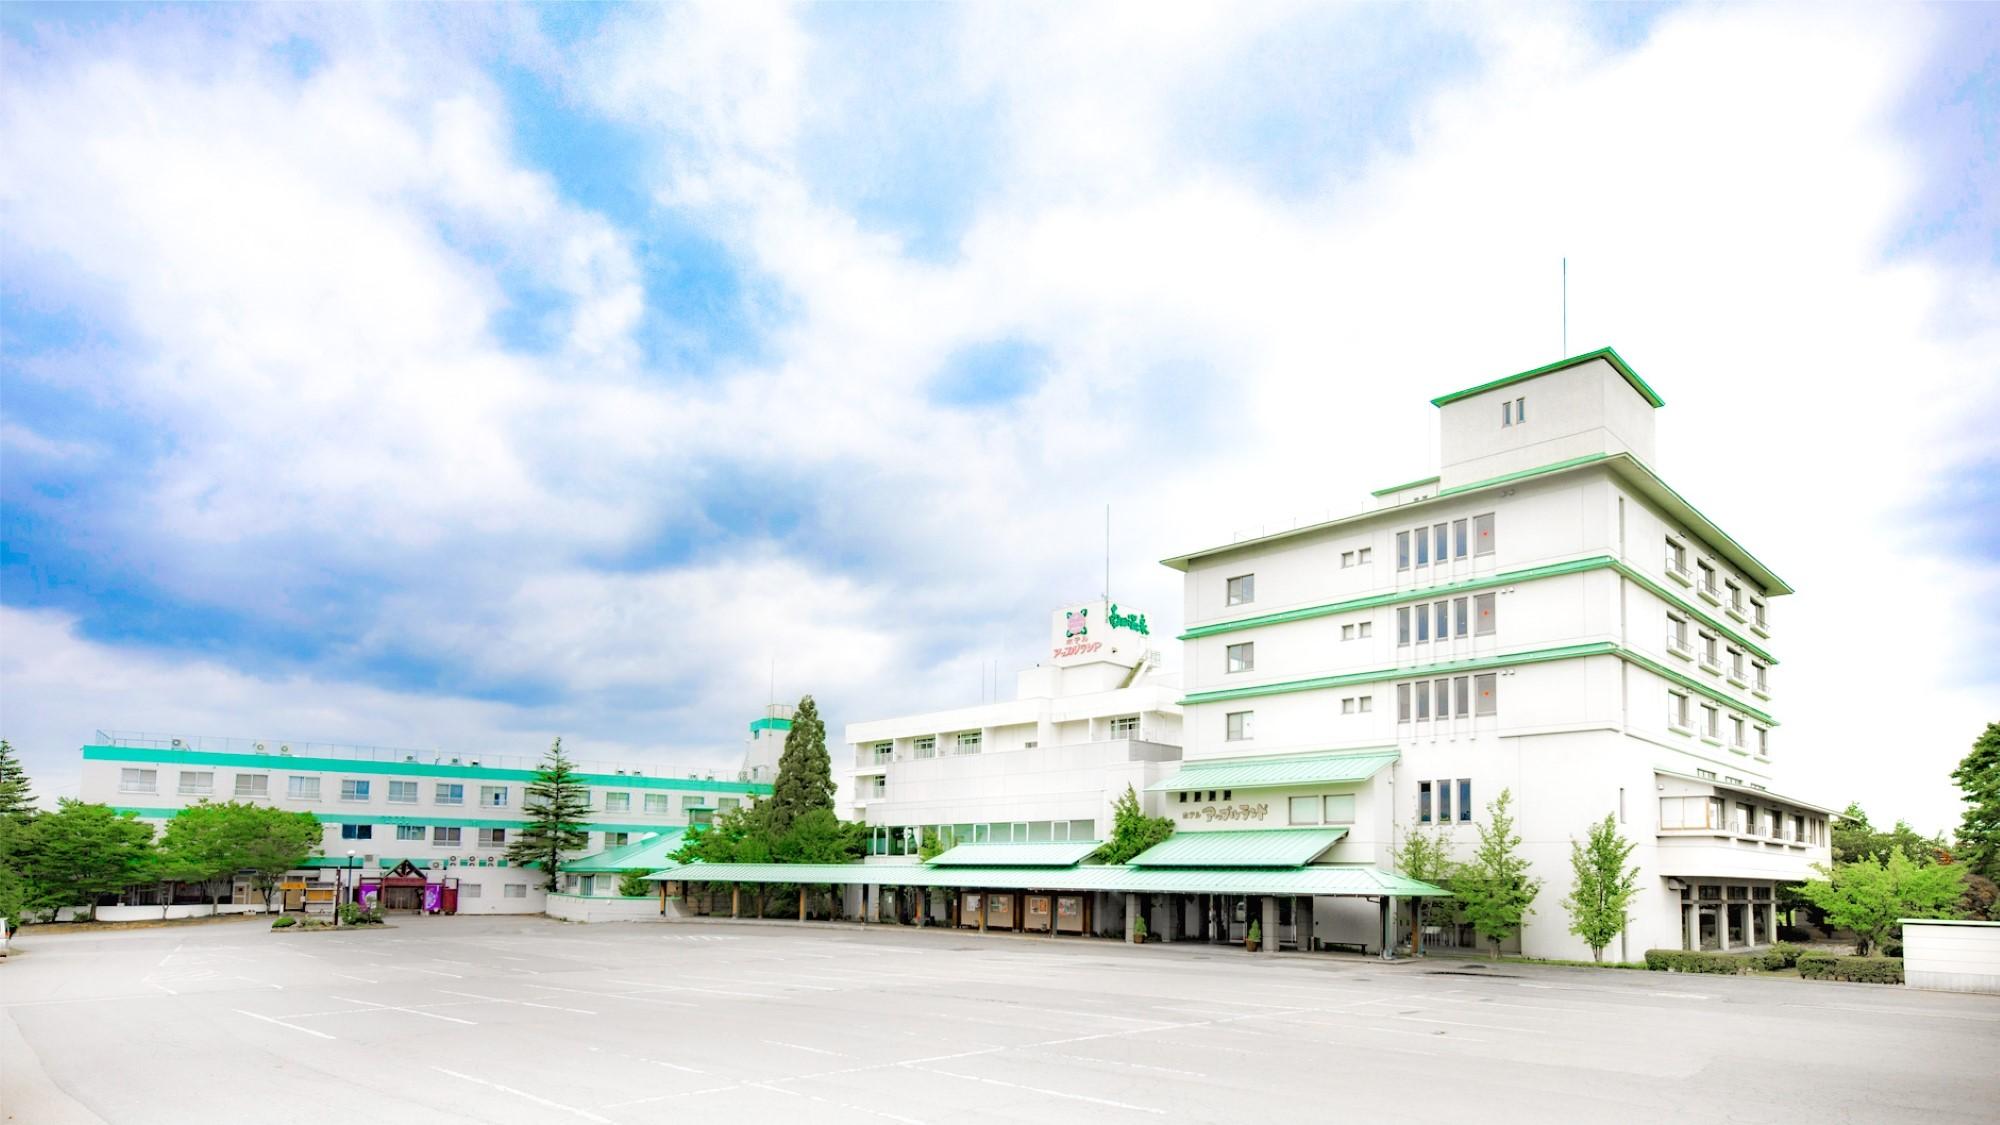 南田温泉 ホテルアップルランド image